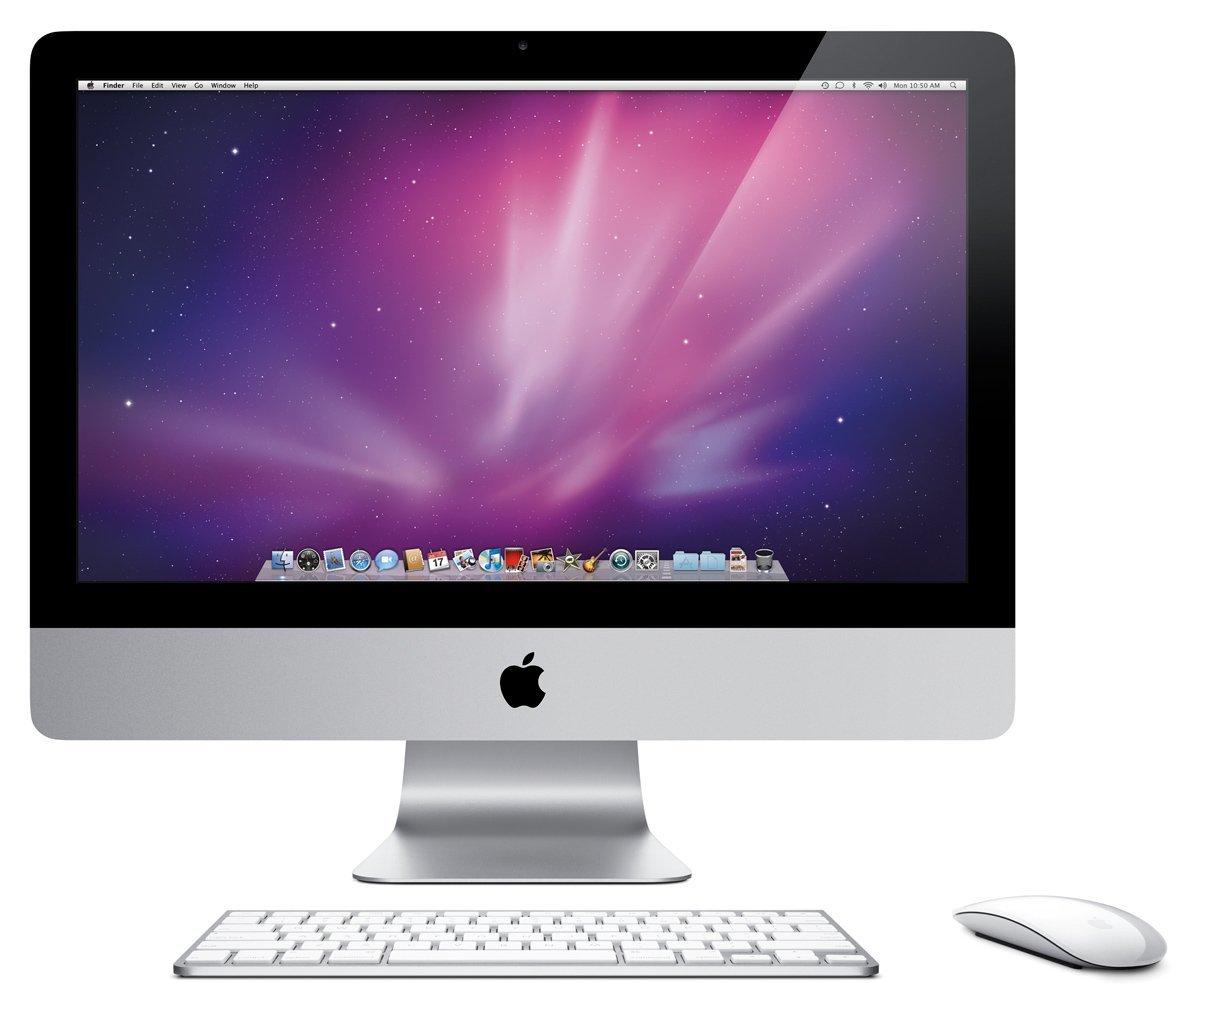 Sistem All-In-One Apple iMac 27 Retina 5K Intel Core i5 3.8GHz Radeon Pro 580-8GB 8GB RAM 2TB HDD Tastatura INT Mac OS X